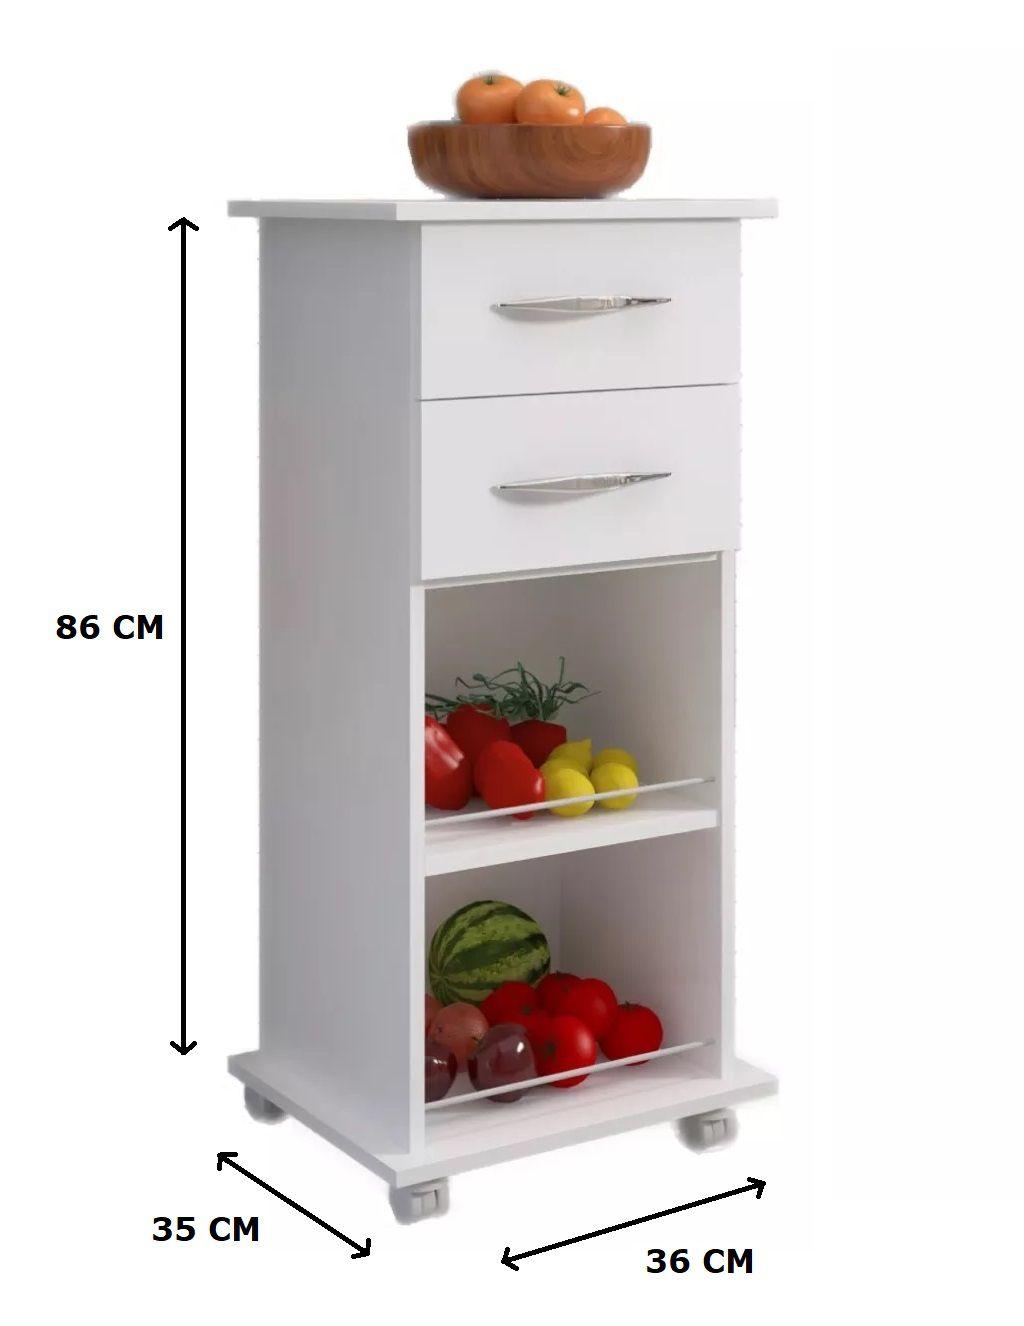 Fruteira Balcão 2 Gavetas c/ Base Utensílios Cozinha